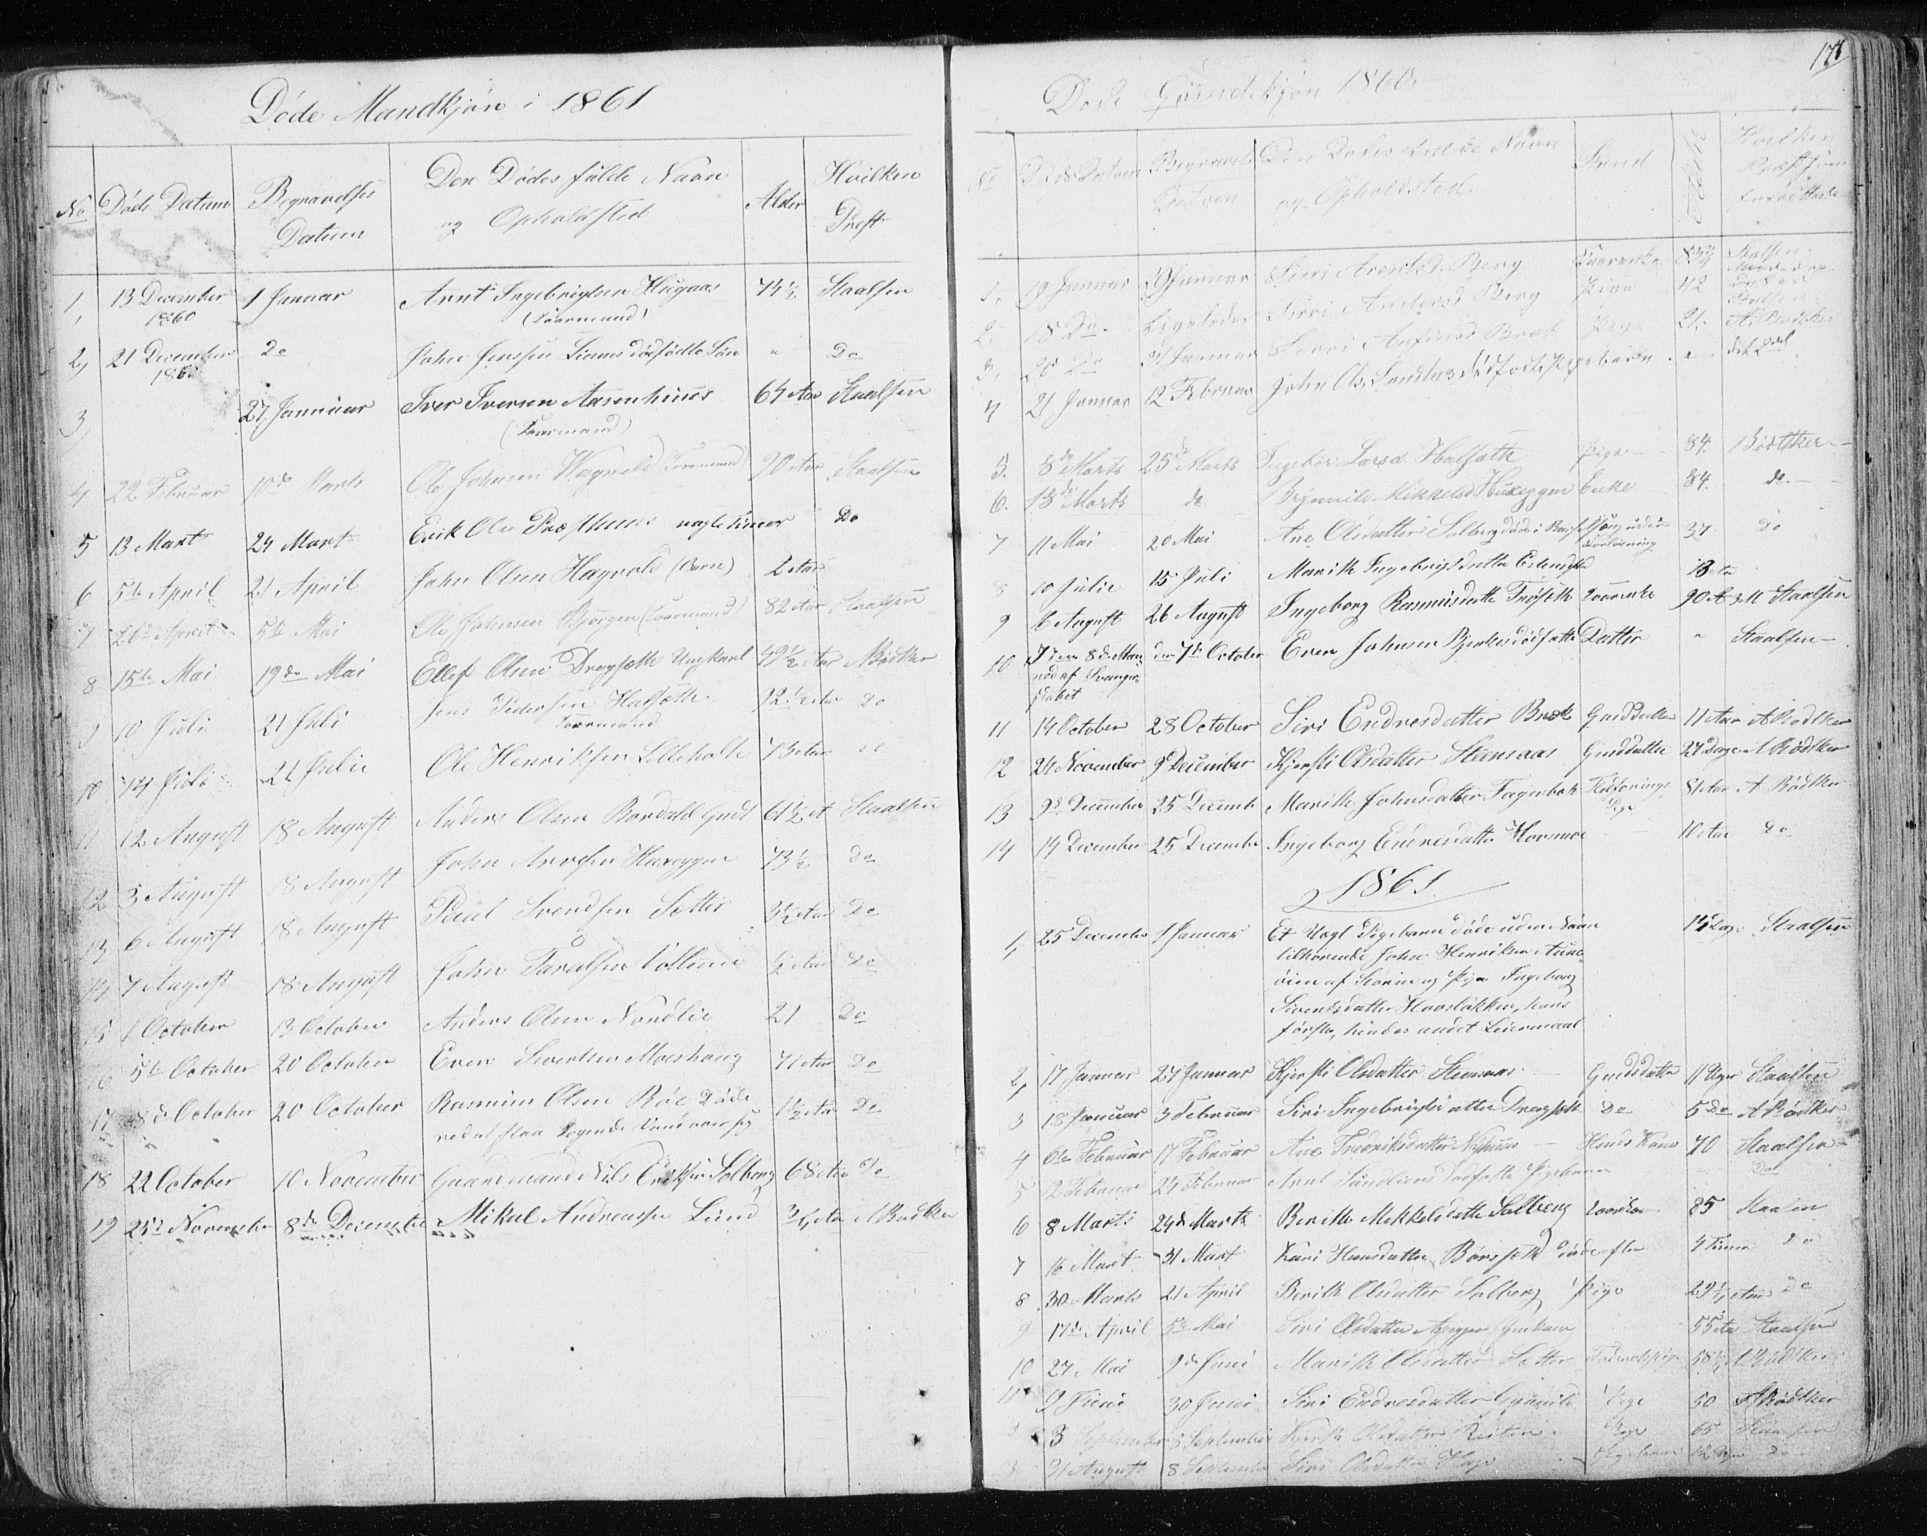 SAT, Ministerialprotokoller, klokkerbøker og fødselsregistre - Sør-Trøndelag, 689/L1043: Klokkerbok nr. 689C02, 1816-1892, s. 174